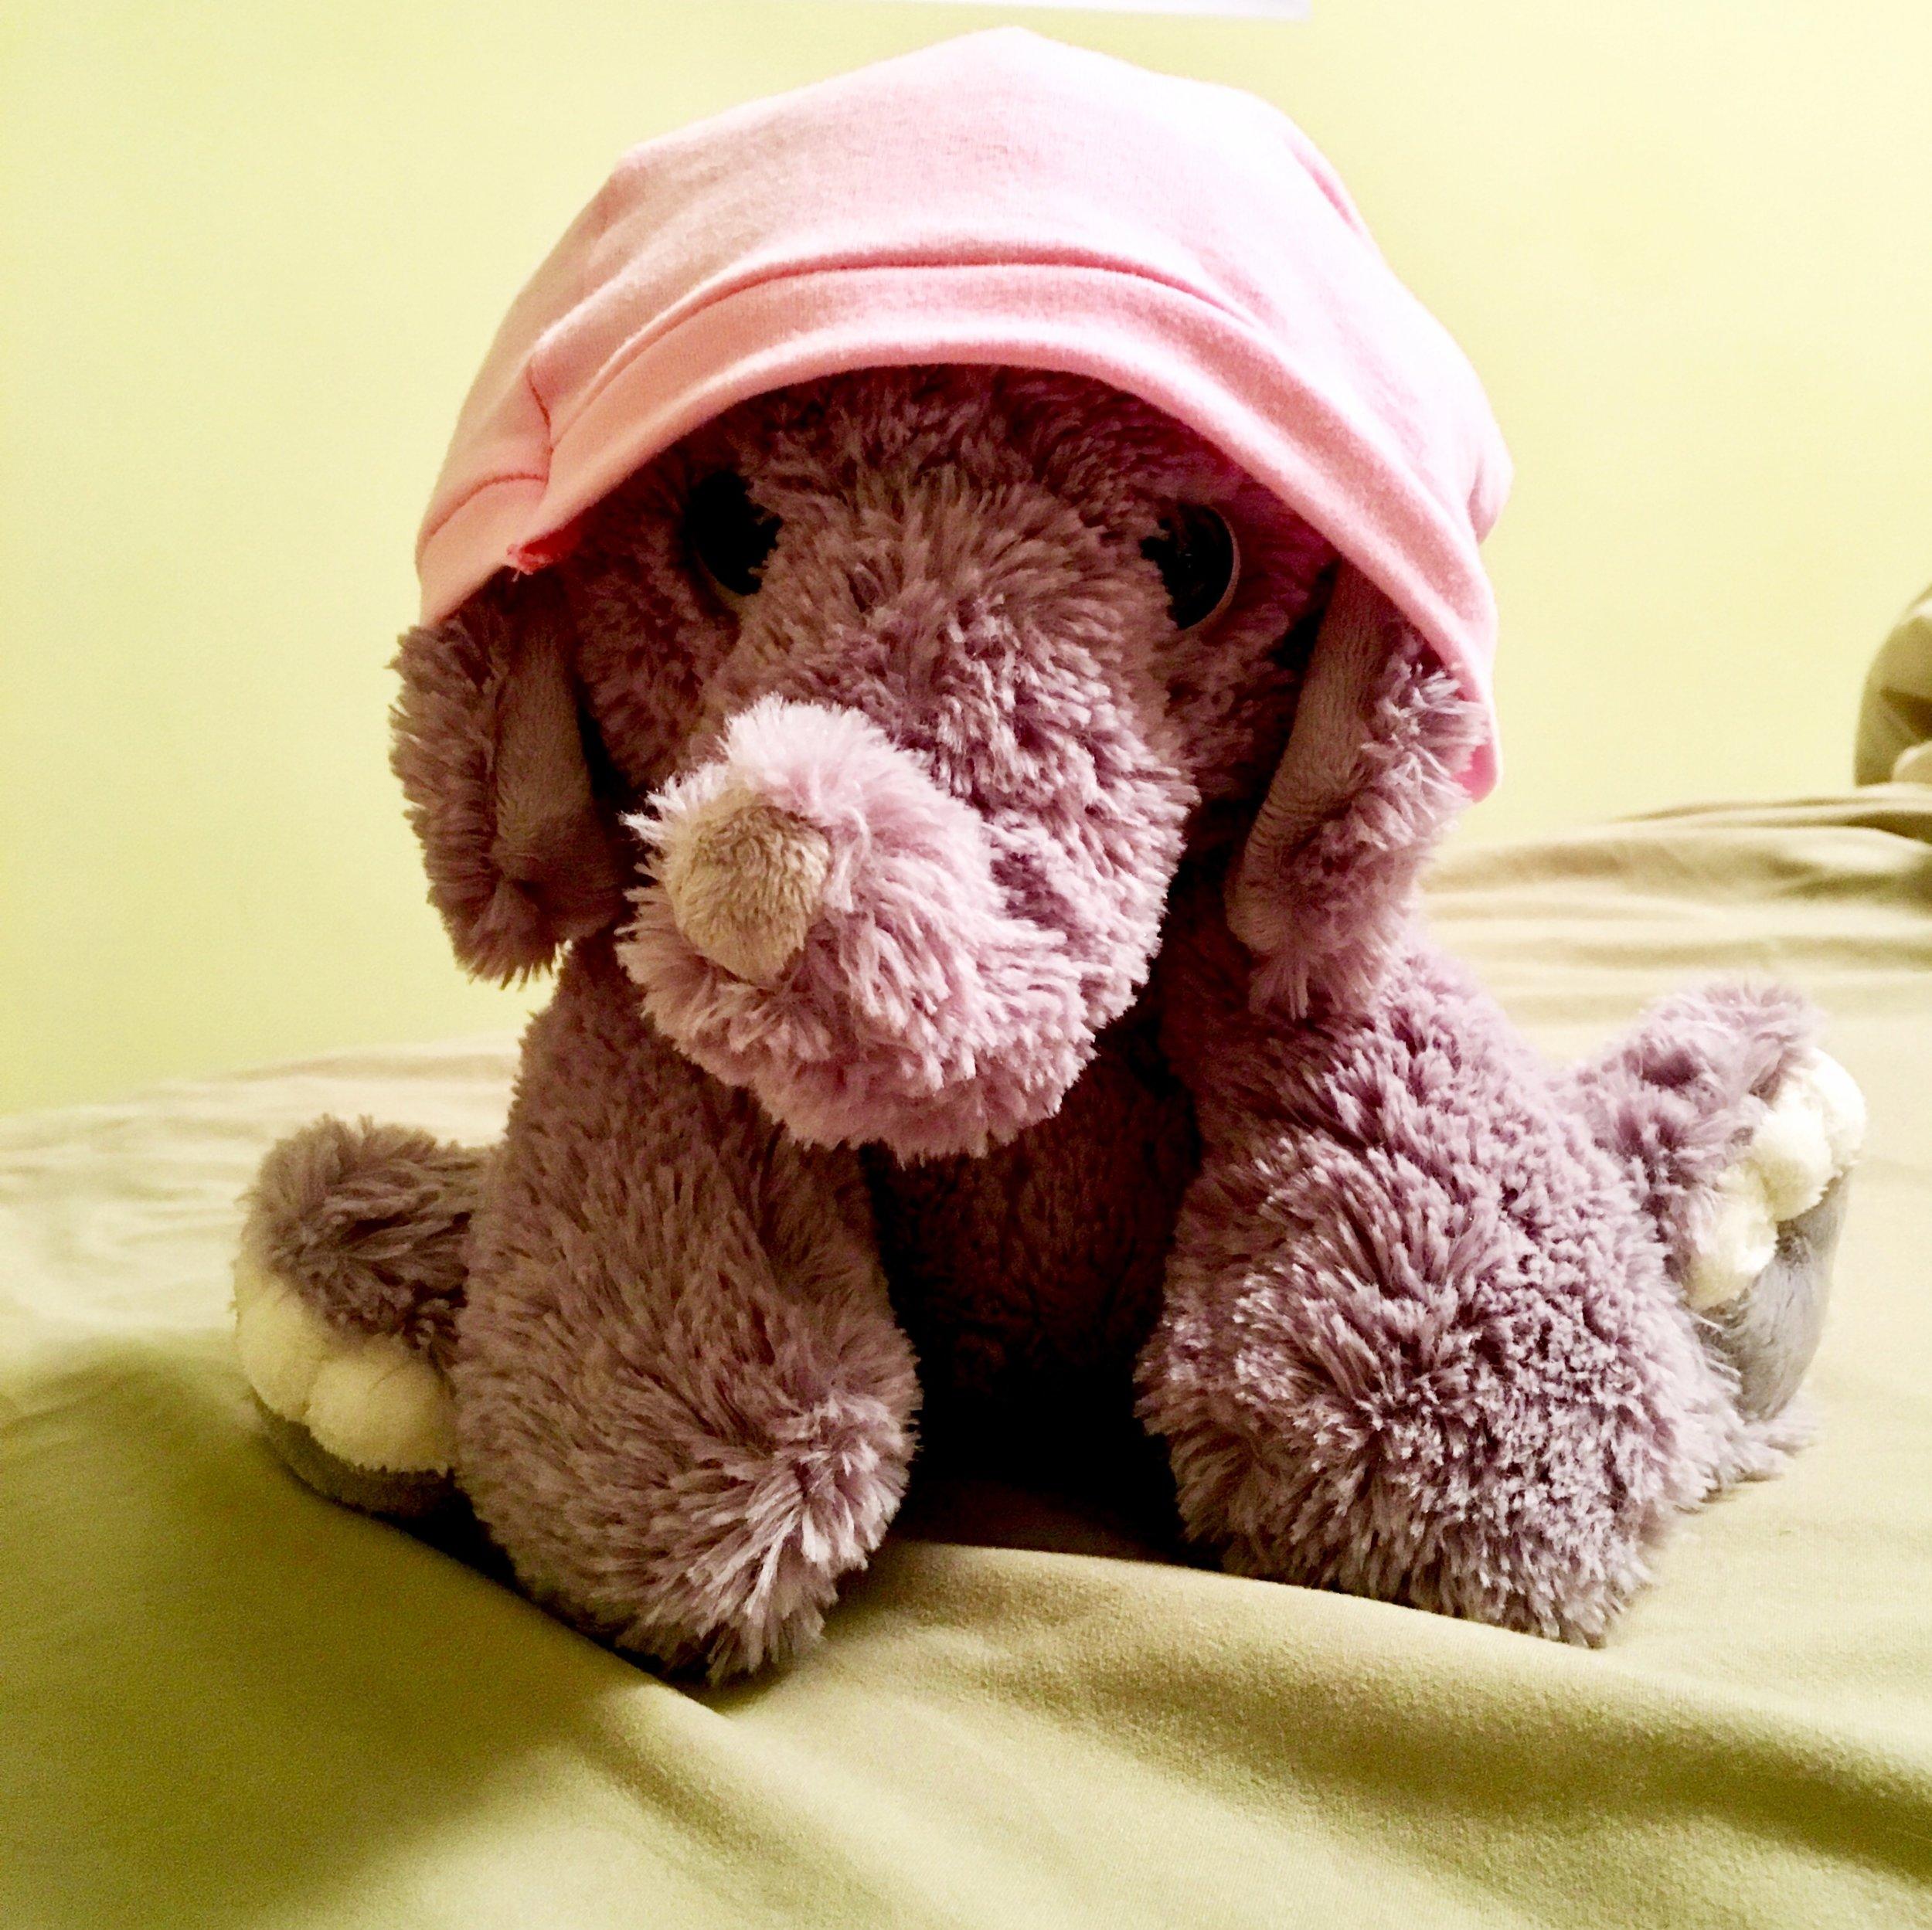 He's a very thoughtful elephant.